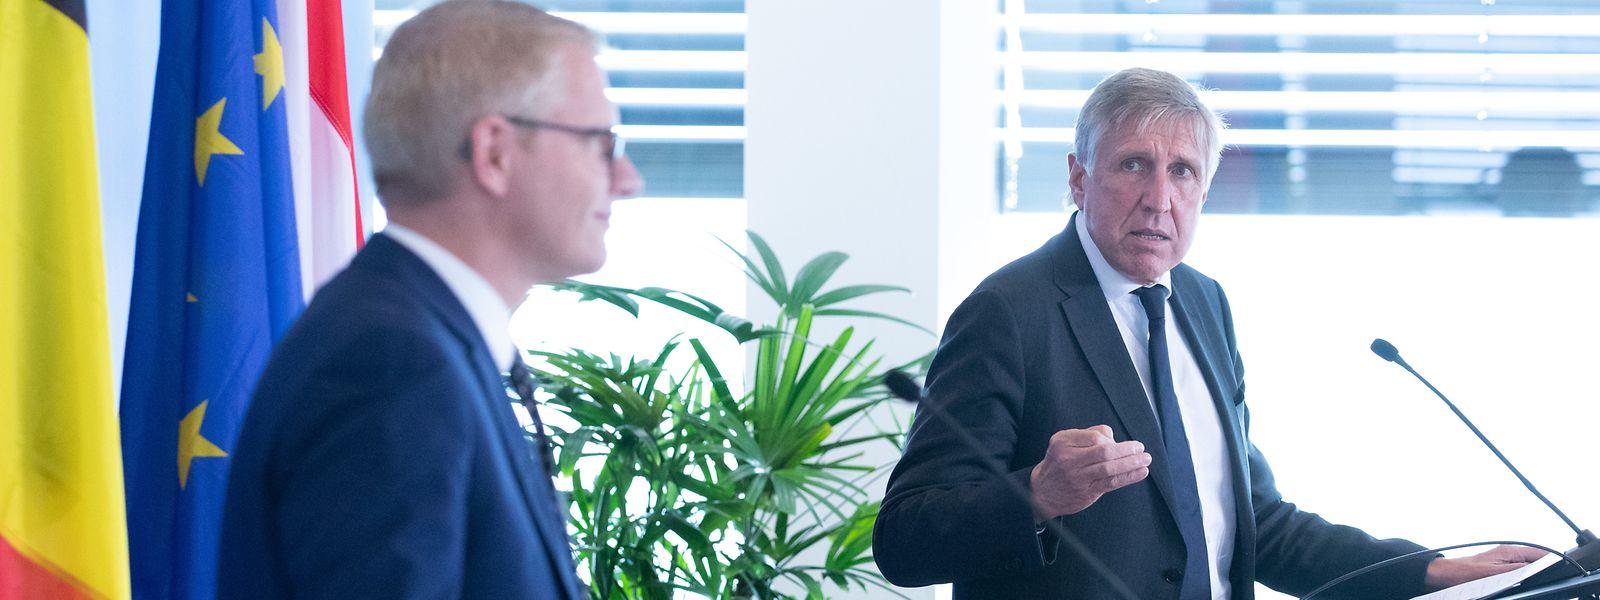 Les deux ministres des Transports écologistes, Georges Gilkinet et François Bausch, aspirent au soutien de l'Union européenne pour conforter la liaison ferrée entre les deux capitales belge et luxembourgeoise.